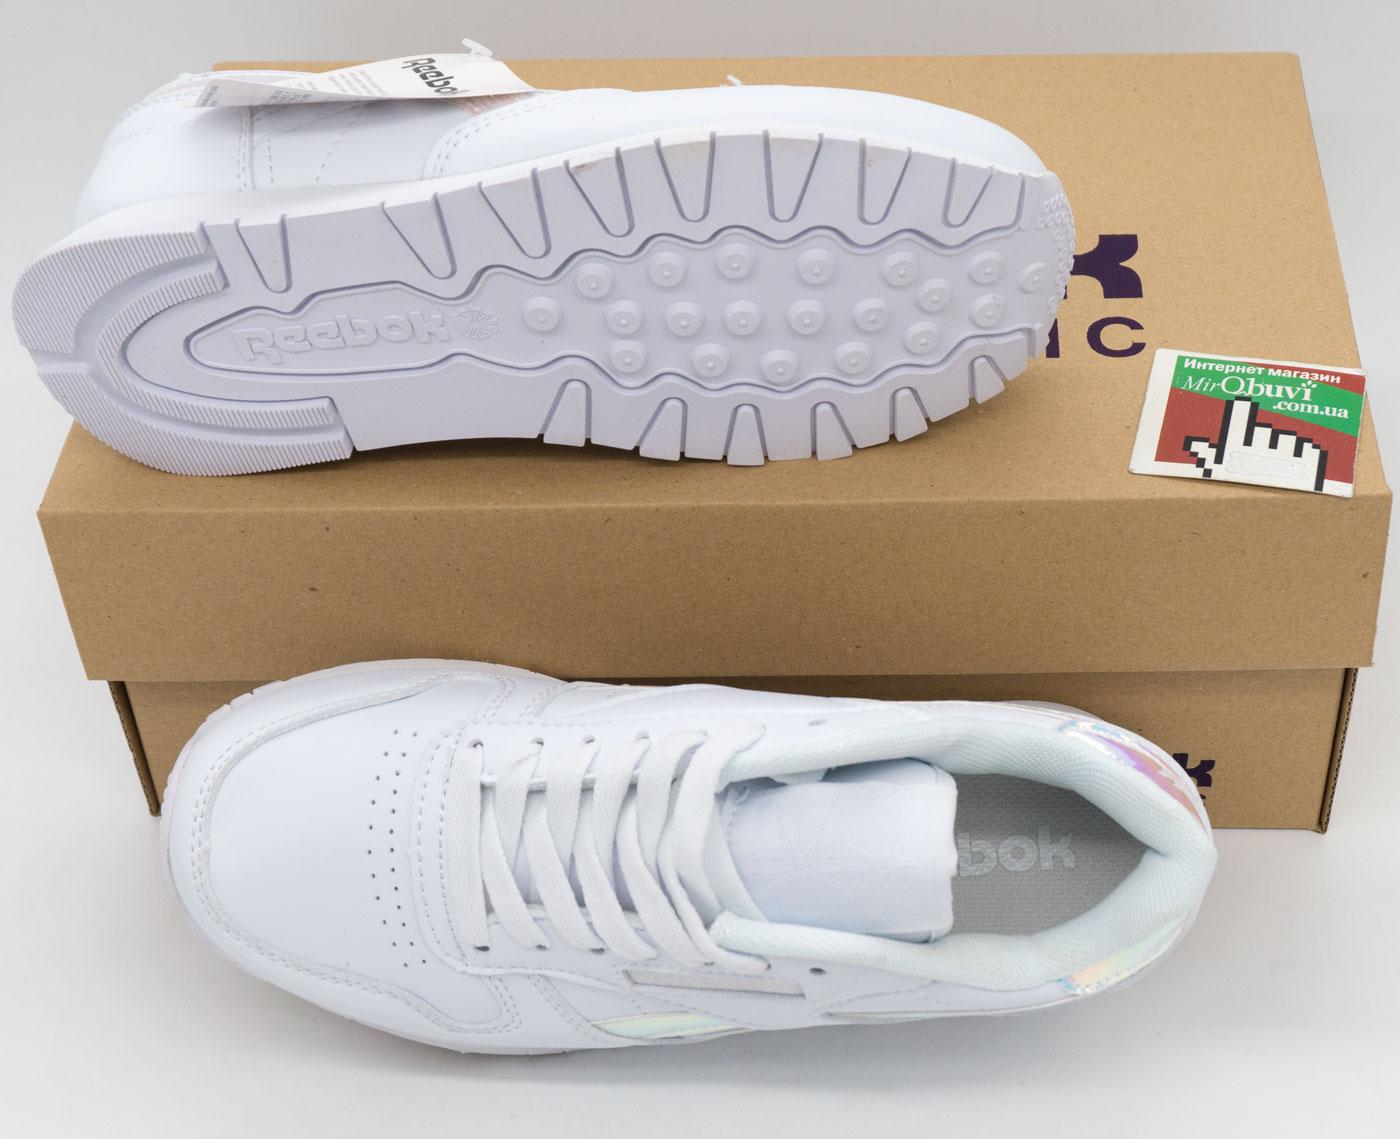 большое фото №5 Женские белые кроссовки Reebok classic leather серебристые